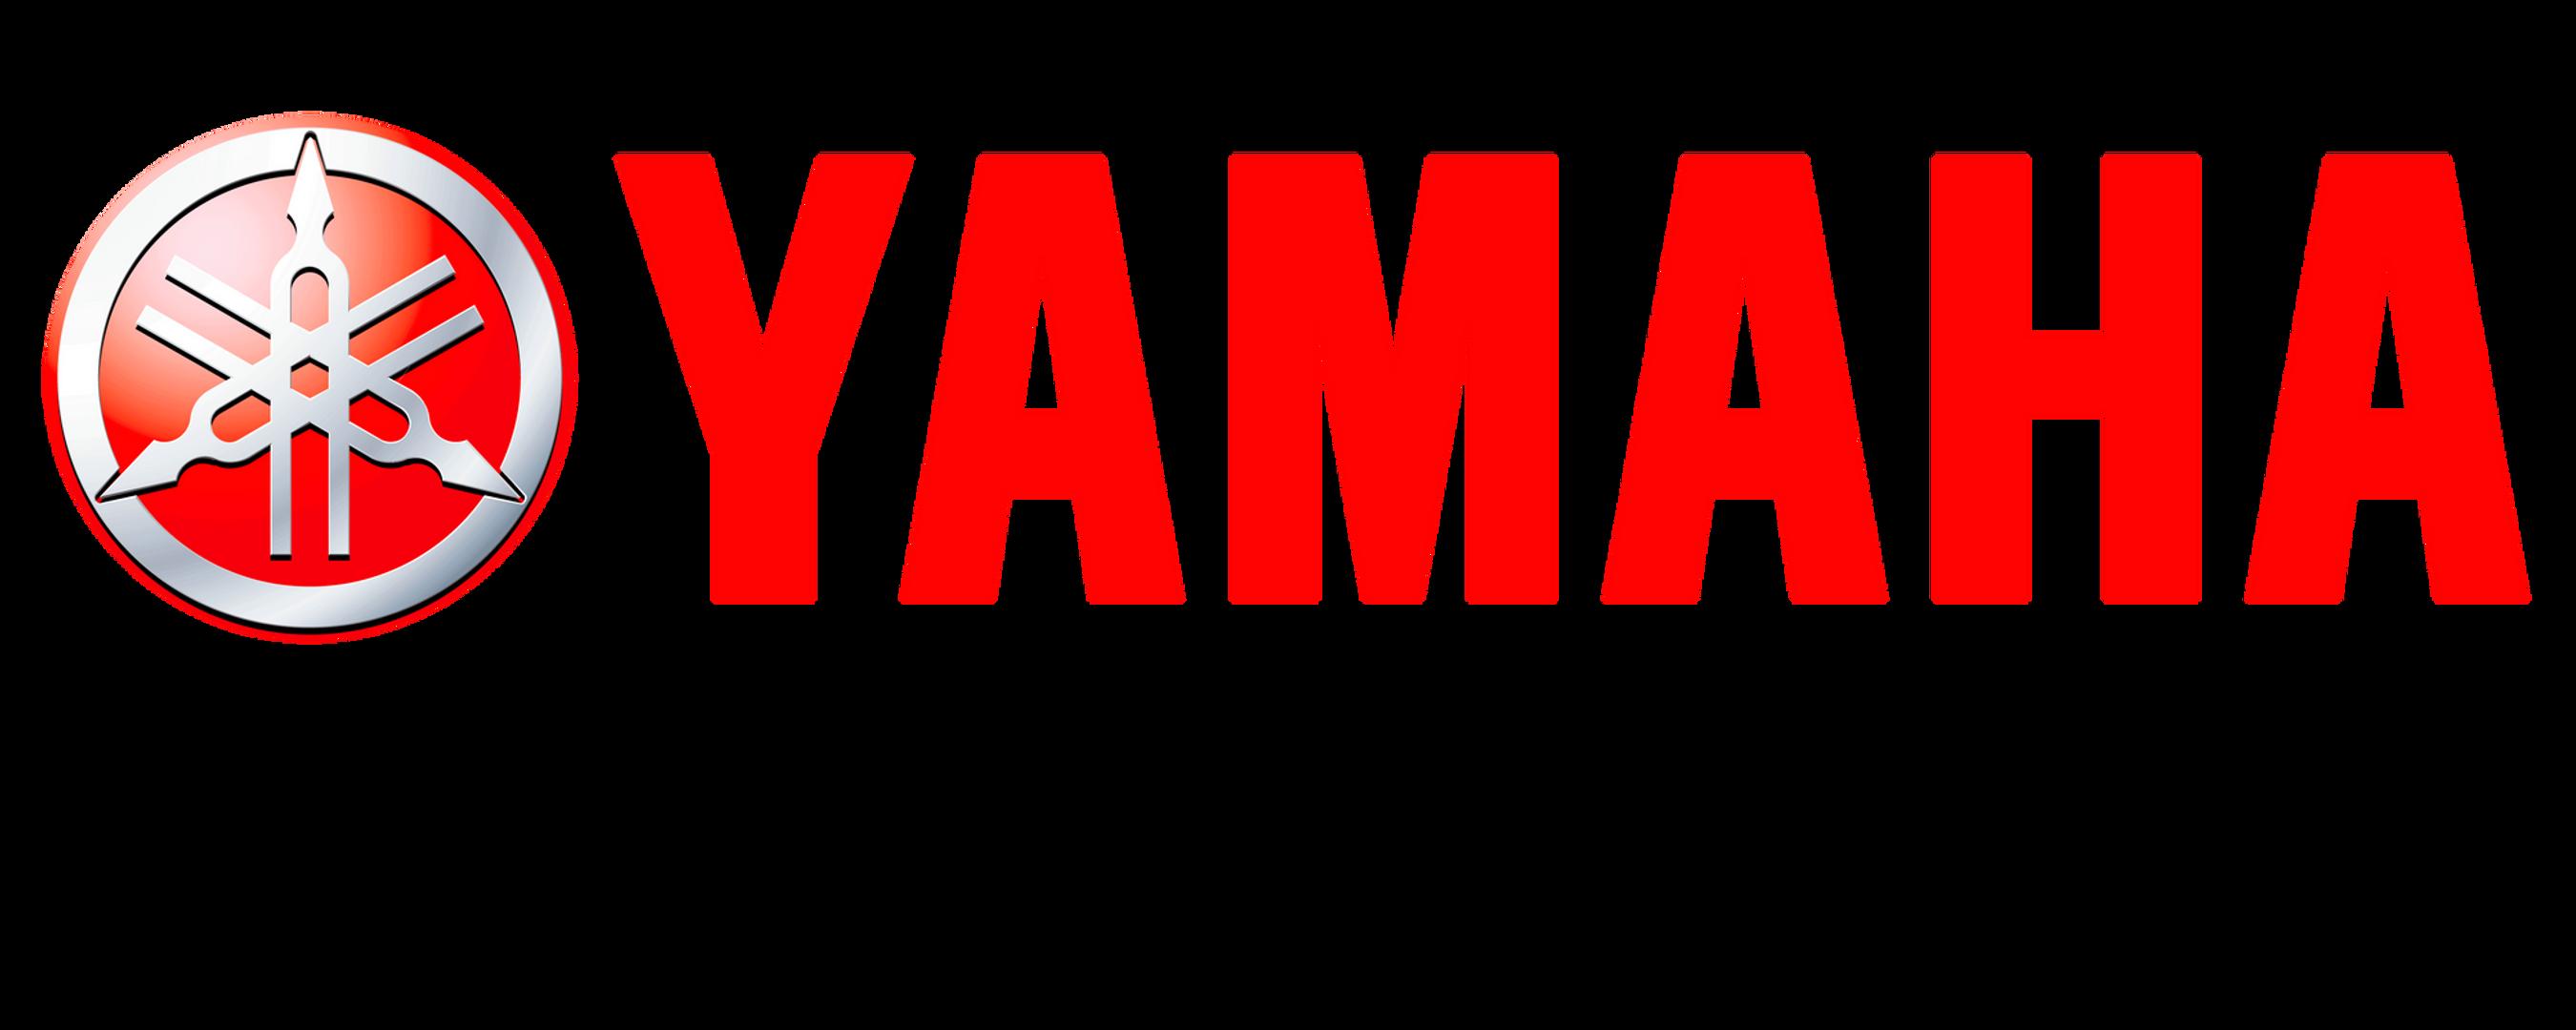 Yamaha-Motorcycles-Logo.png